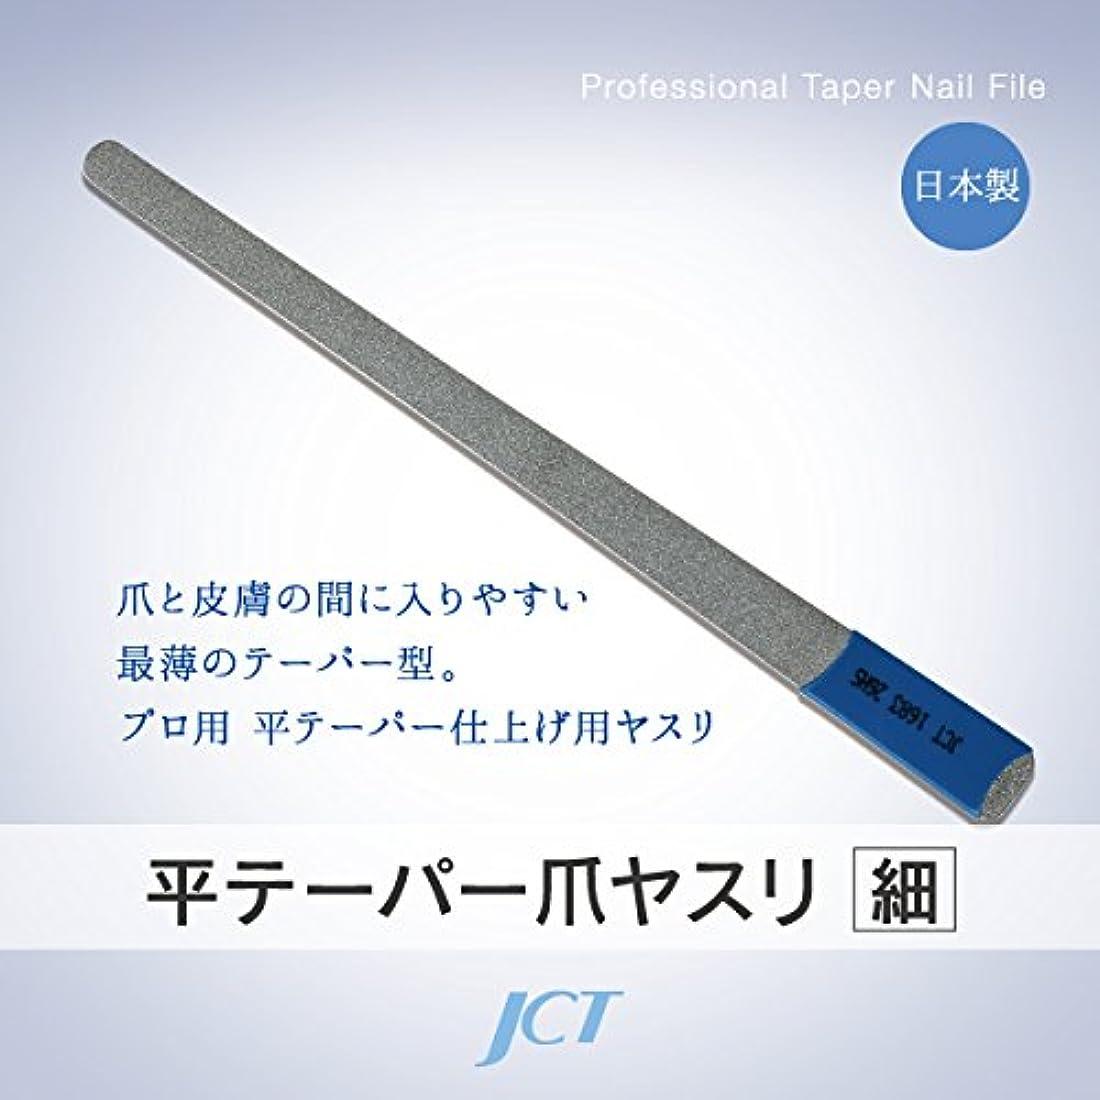 棚団結スカートJCT メディカル フットケア ネイルケア ダイヤモンド平テーパー爪ヤスリ(細) 滅菌可 日本製 1年間保証付